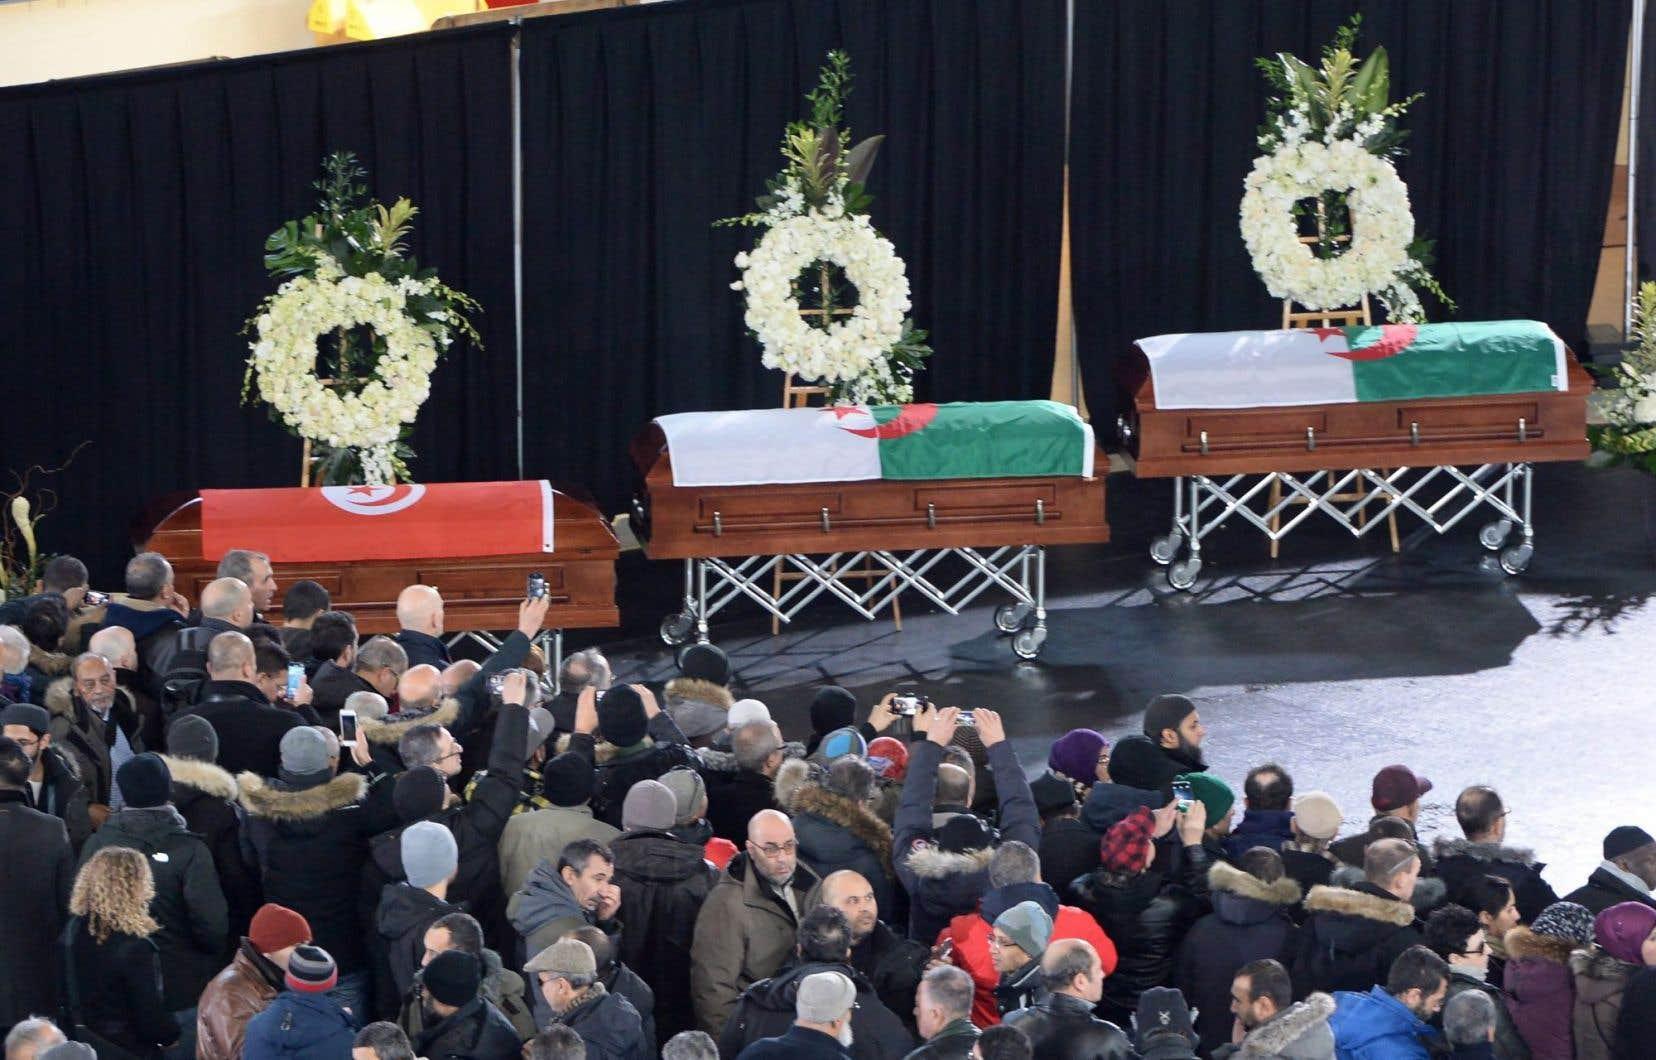 Les cercueils sont entourés de couronnes de fleurs blanches et recouverts du drapeau des pays d'origine des trois victimes, la Tunisie et l'Algérie.